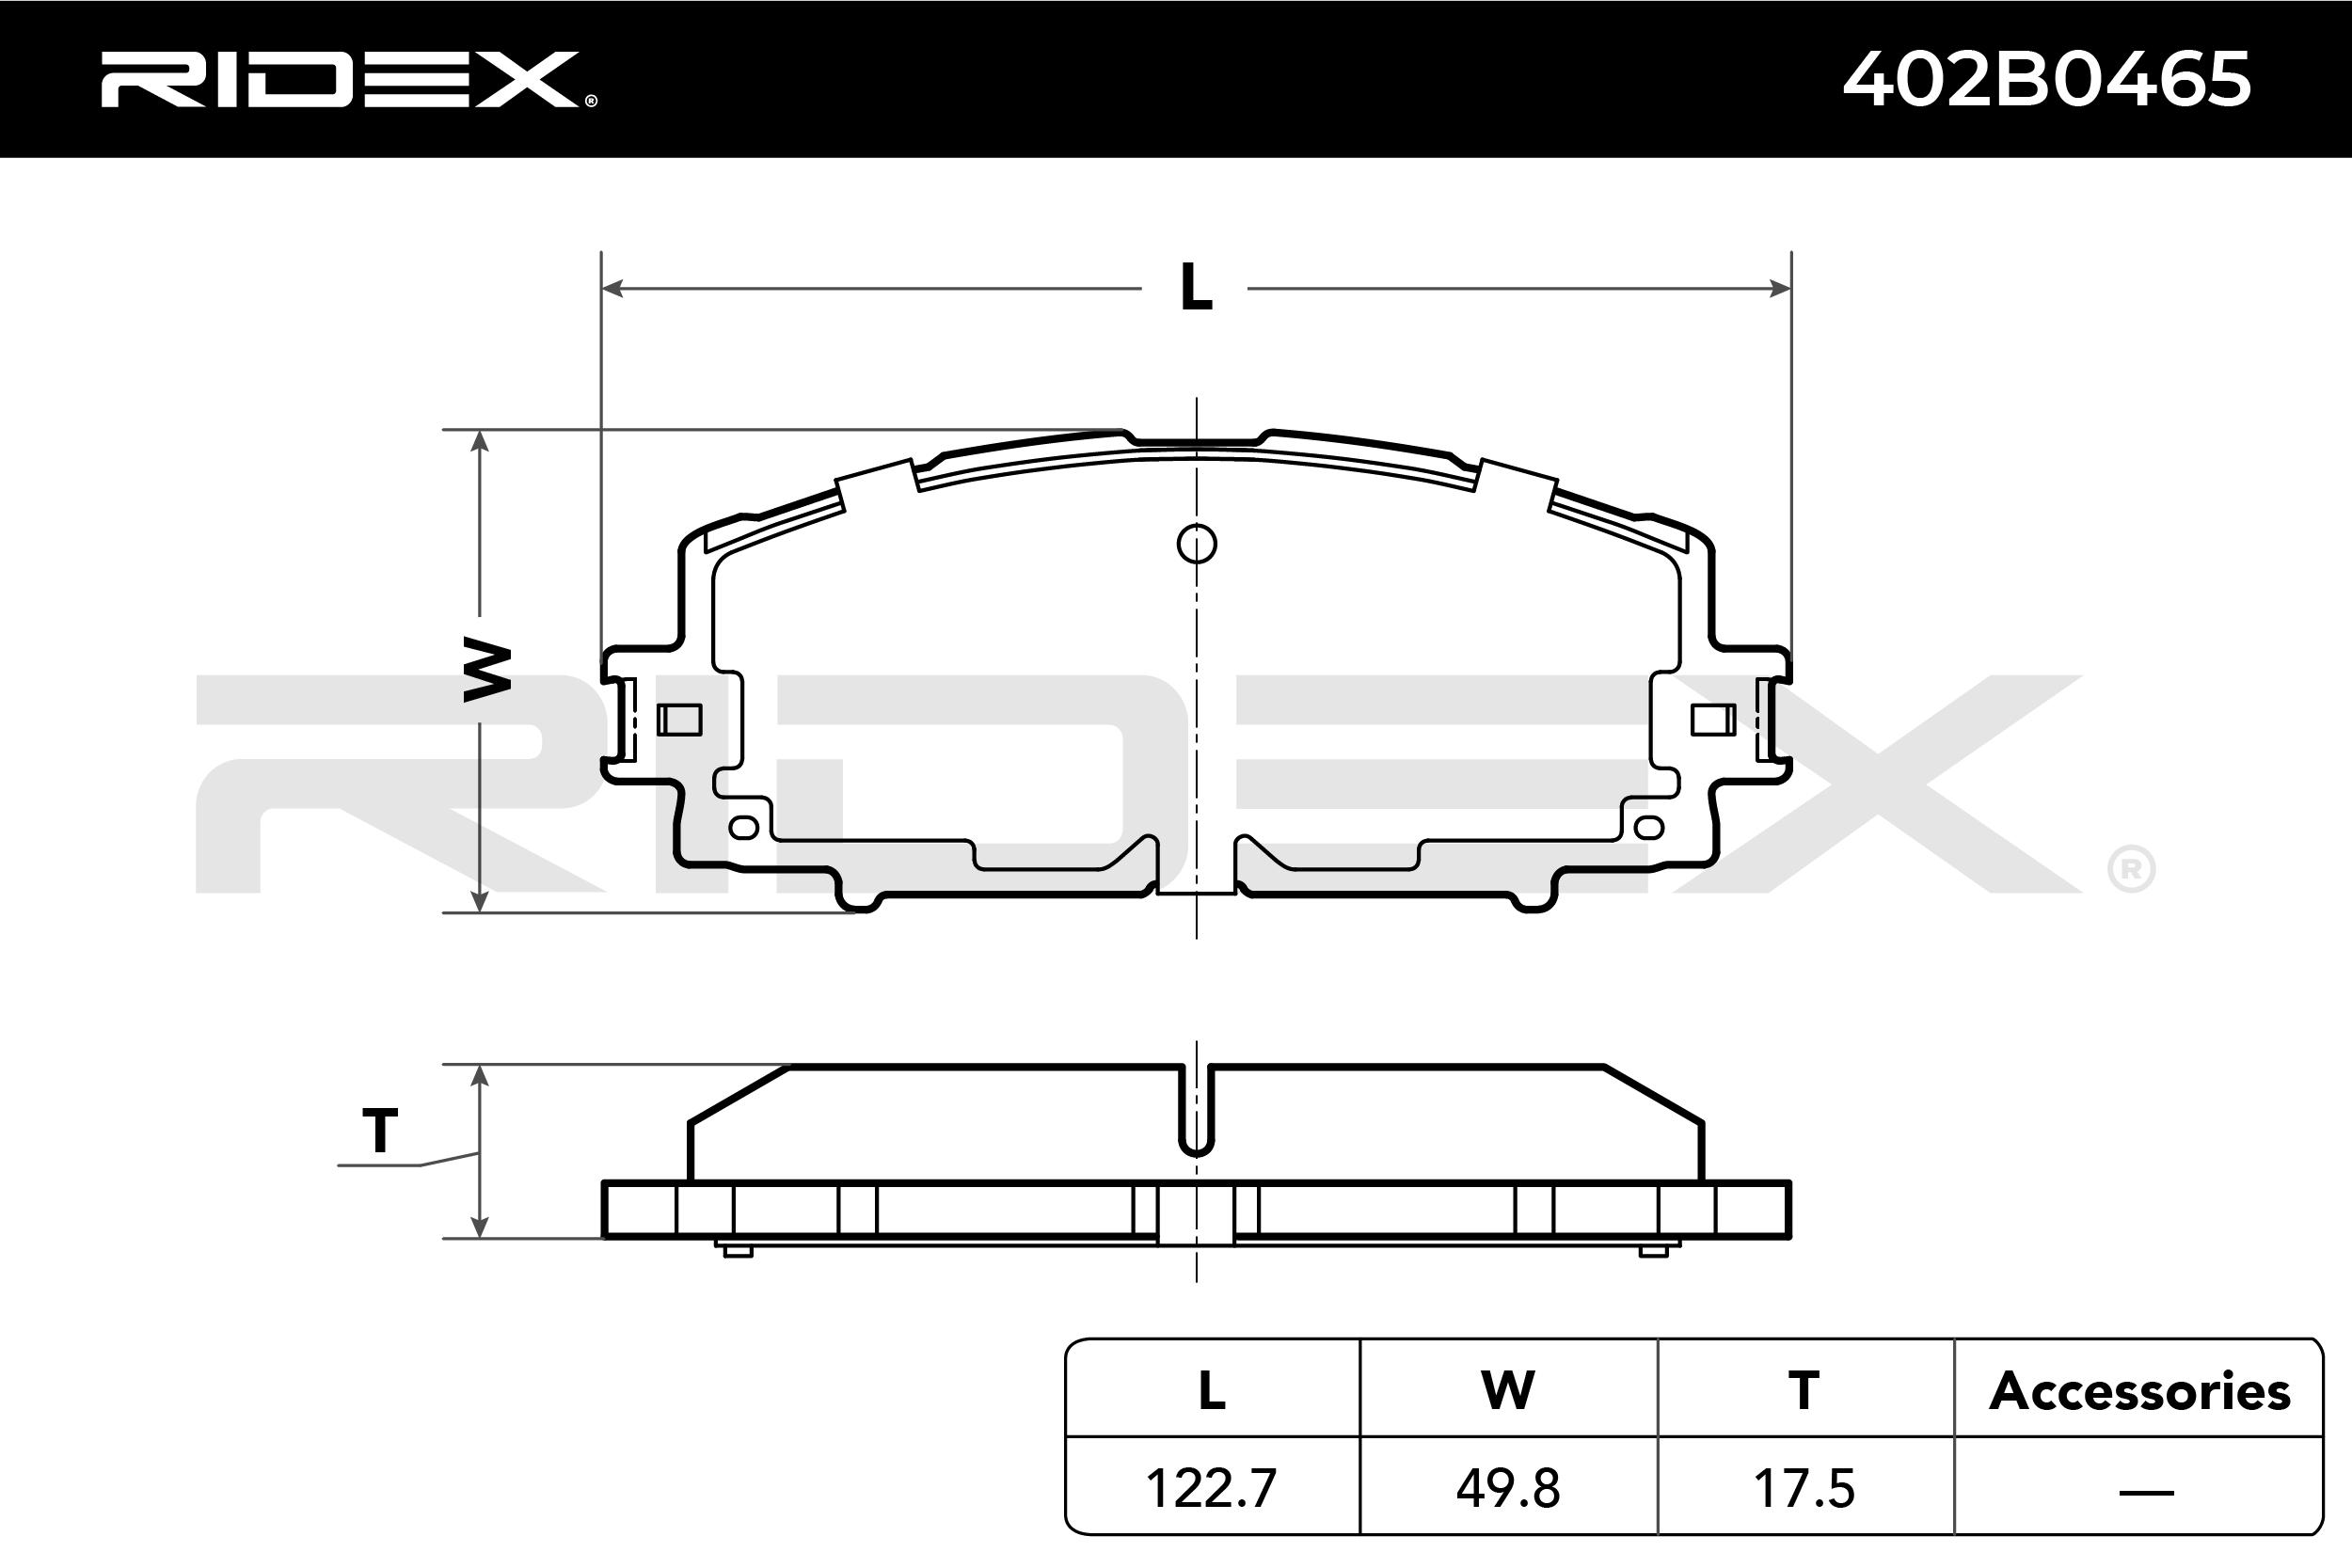 402B0465 Bremsbeläge RIDEX 402B0465 - Große Auswahl - stark reduziert